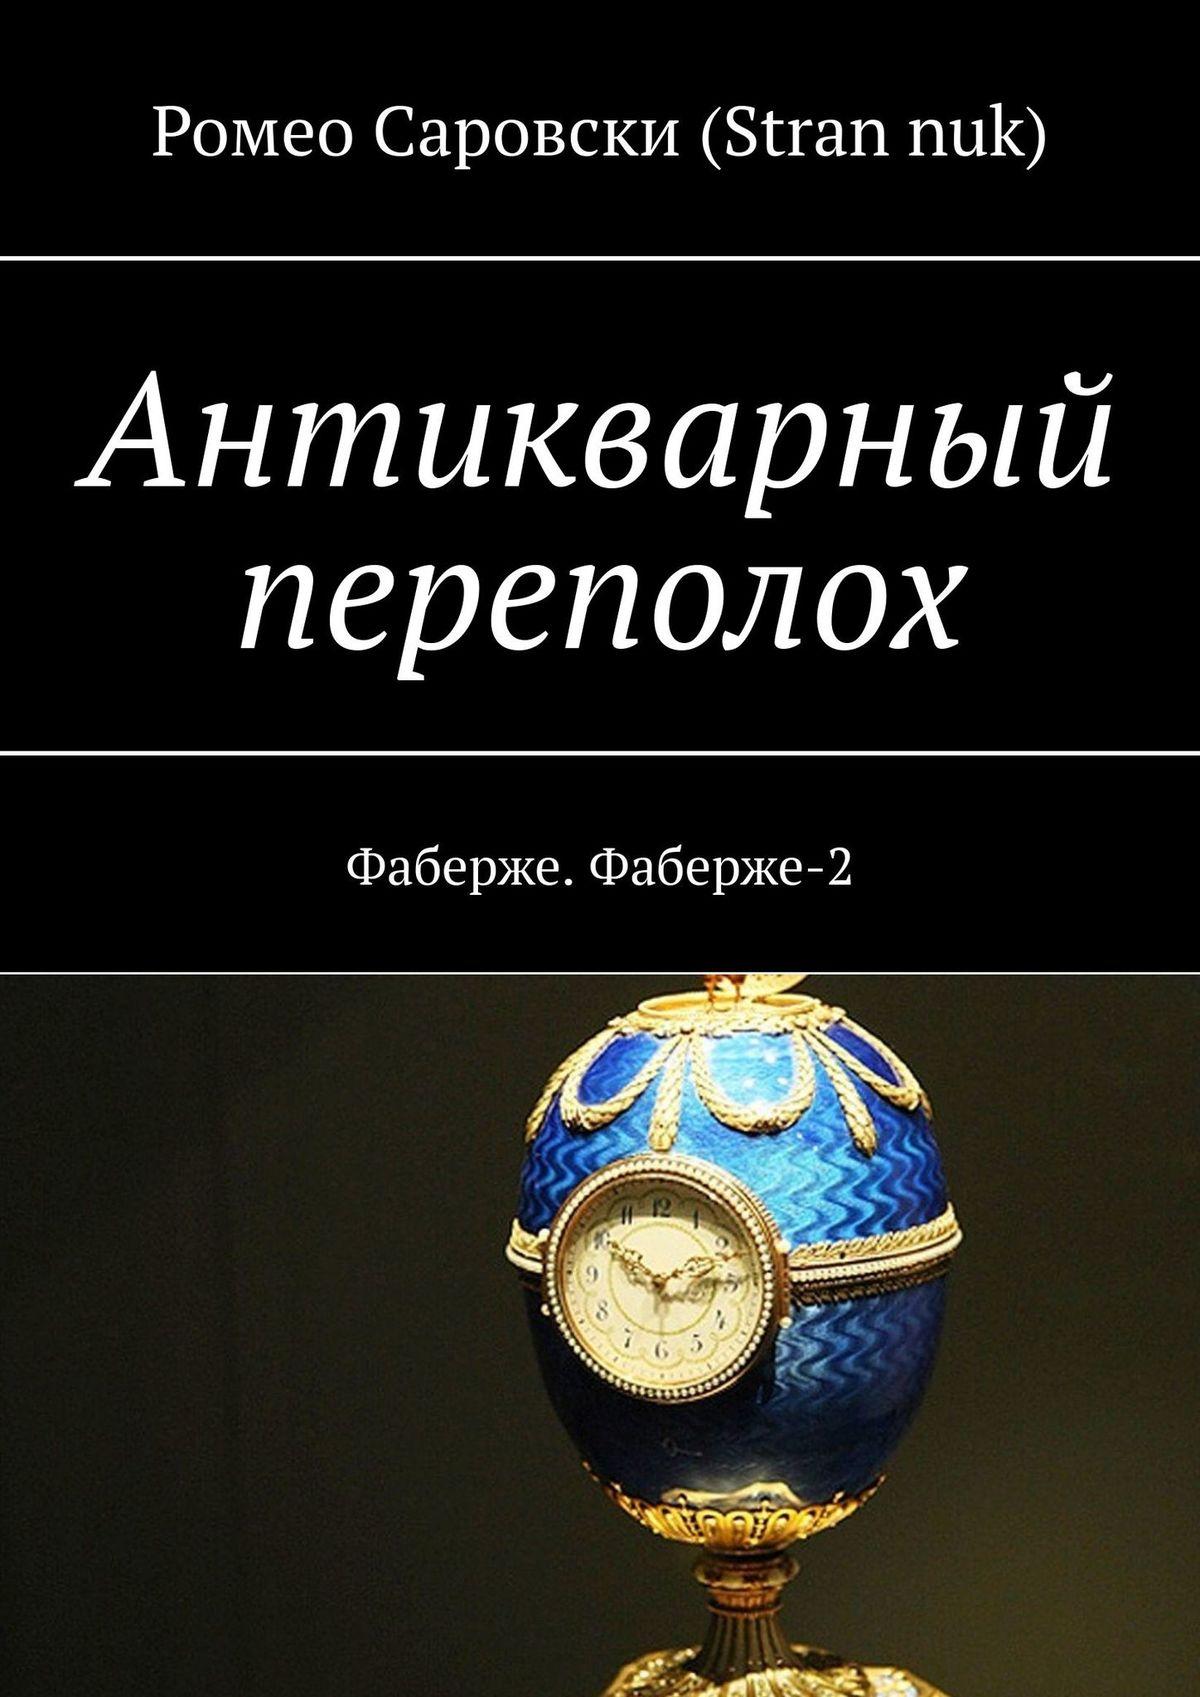 Роман Чукмасов (Stran nuk) - Антикварный переполох. Фаберже. Фаберже-2